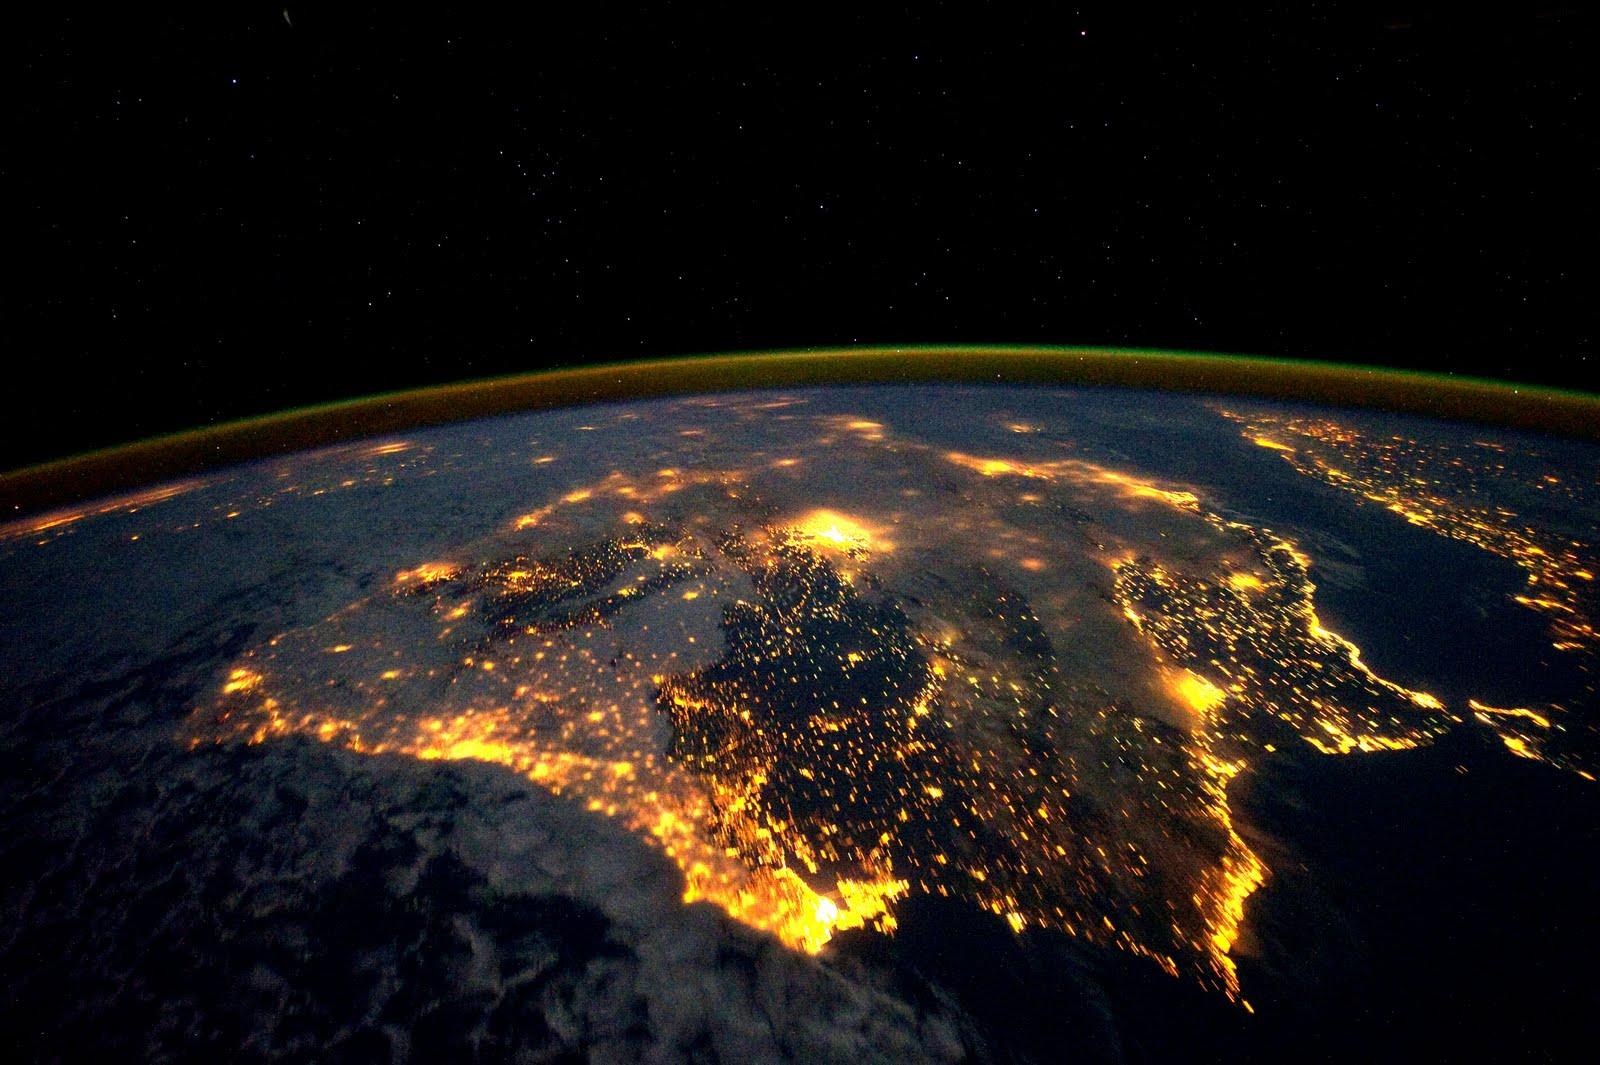 Espectacular fotografía de la Península Ibérica vista desde el Espacio.